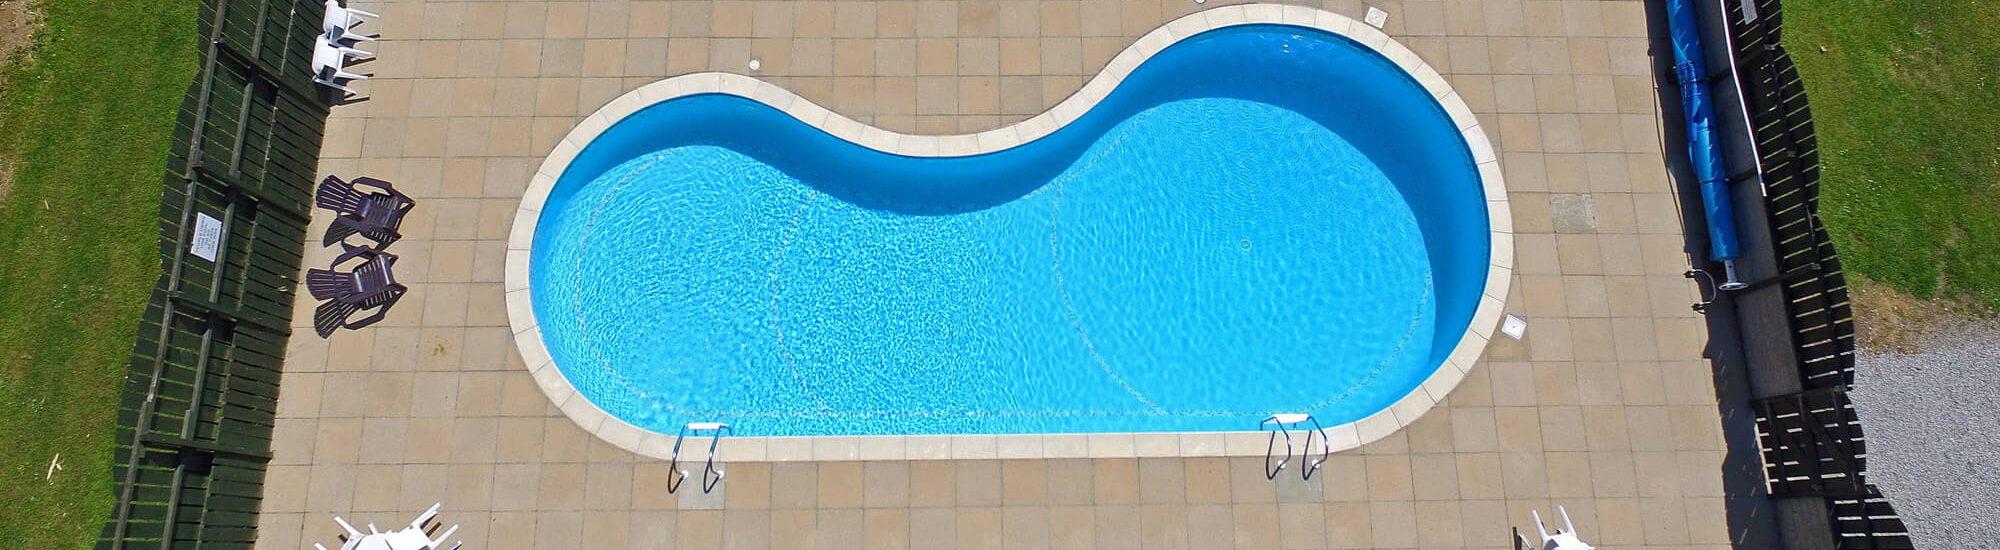 trebellan family pool 2000x550 - Touring & Camping